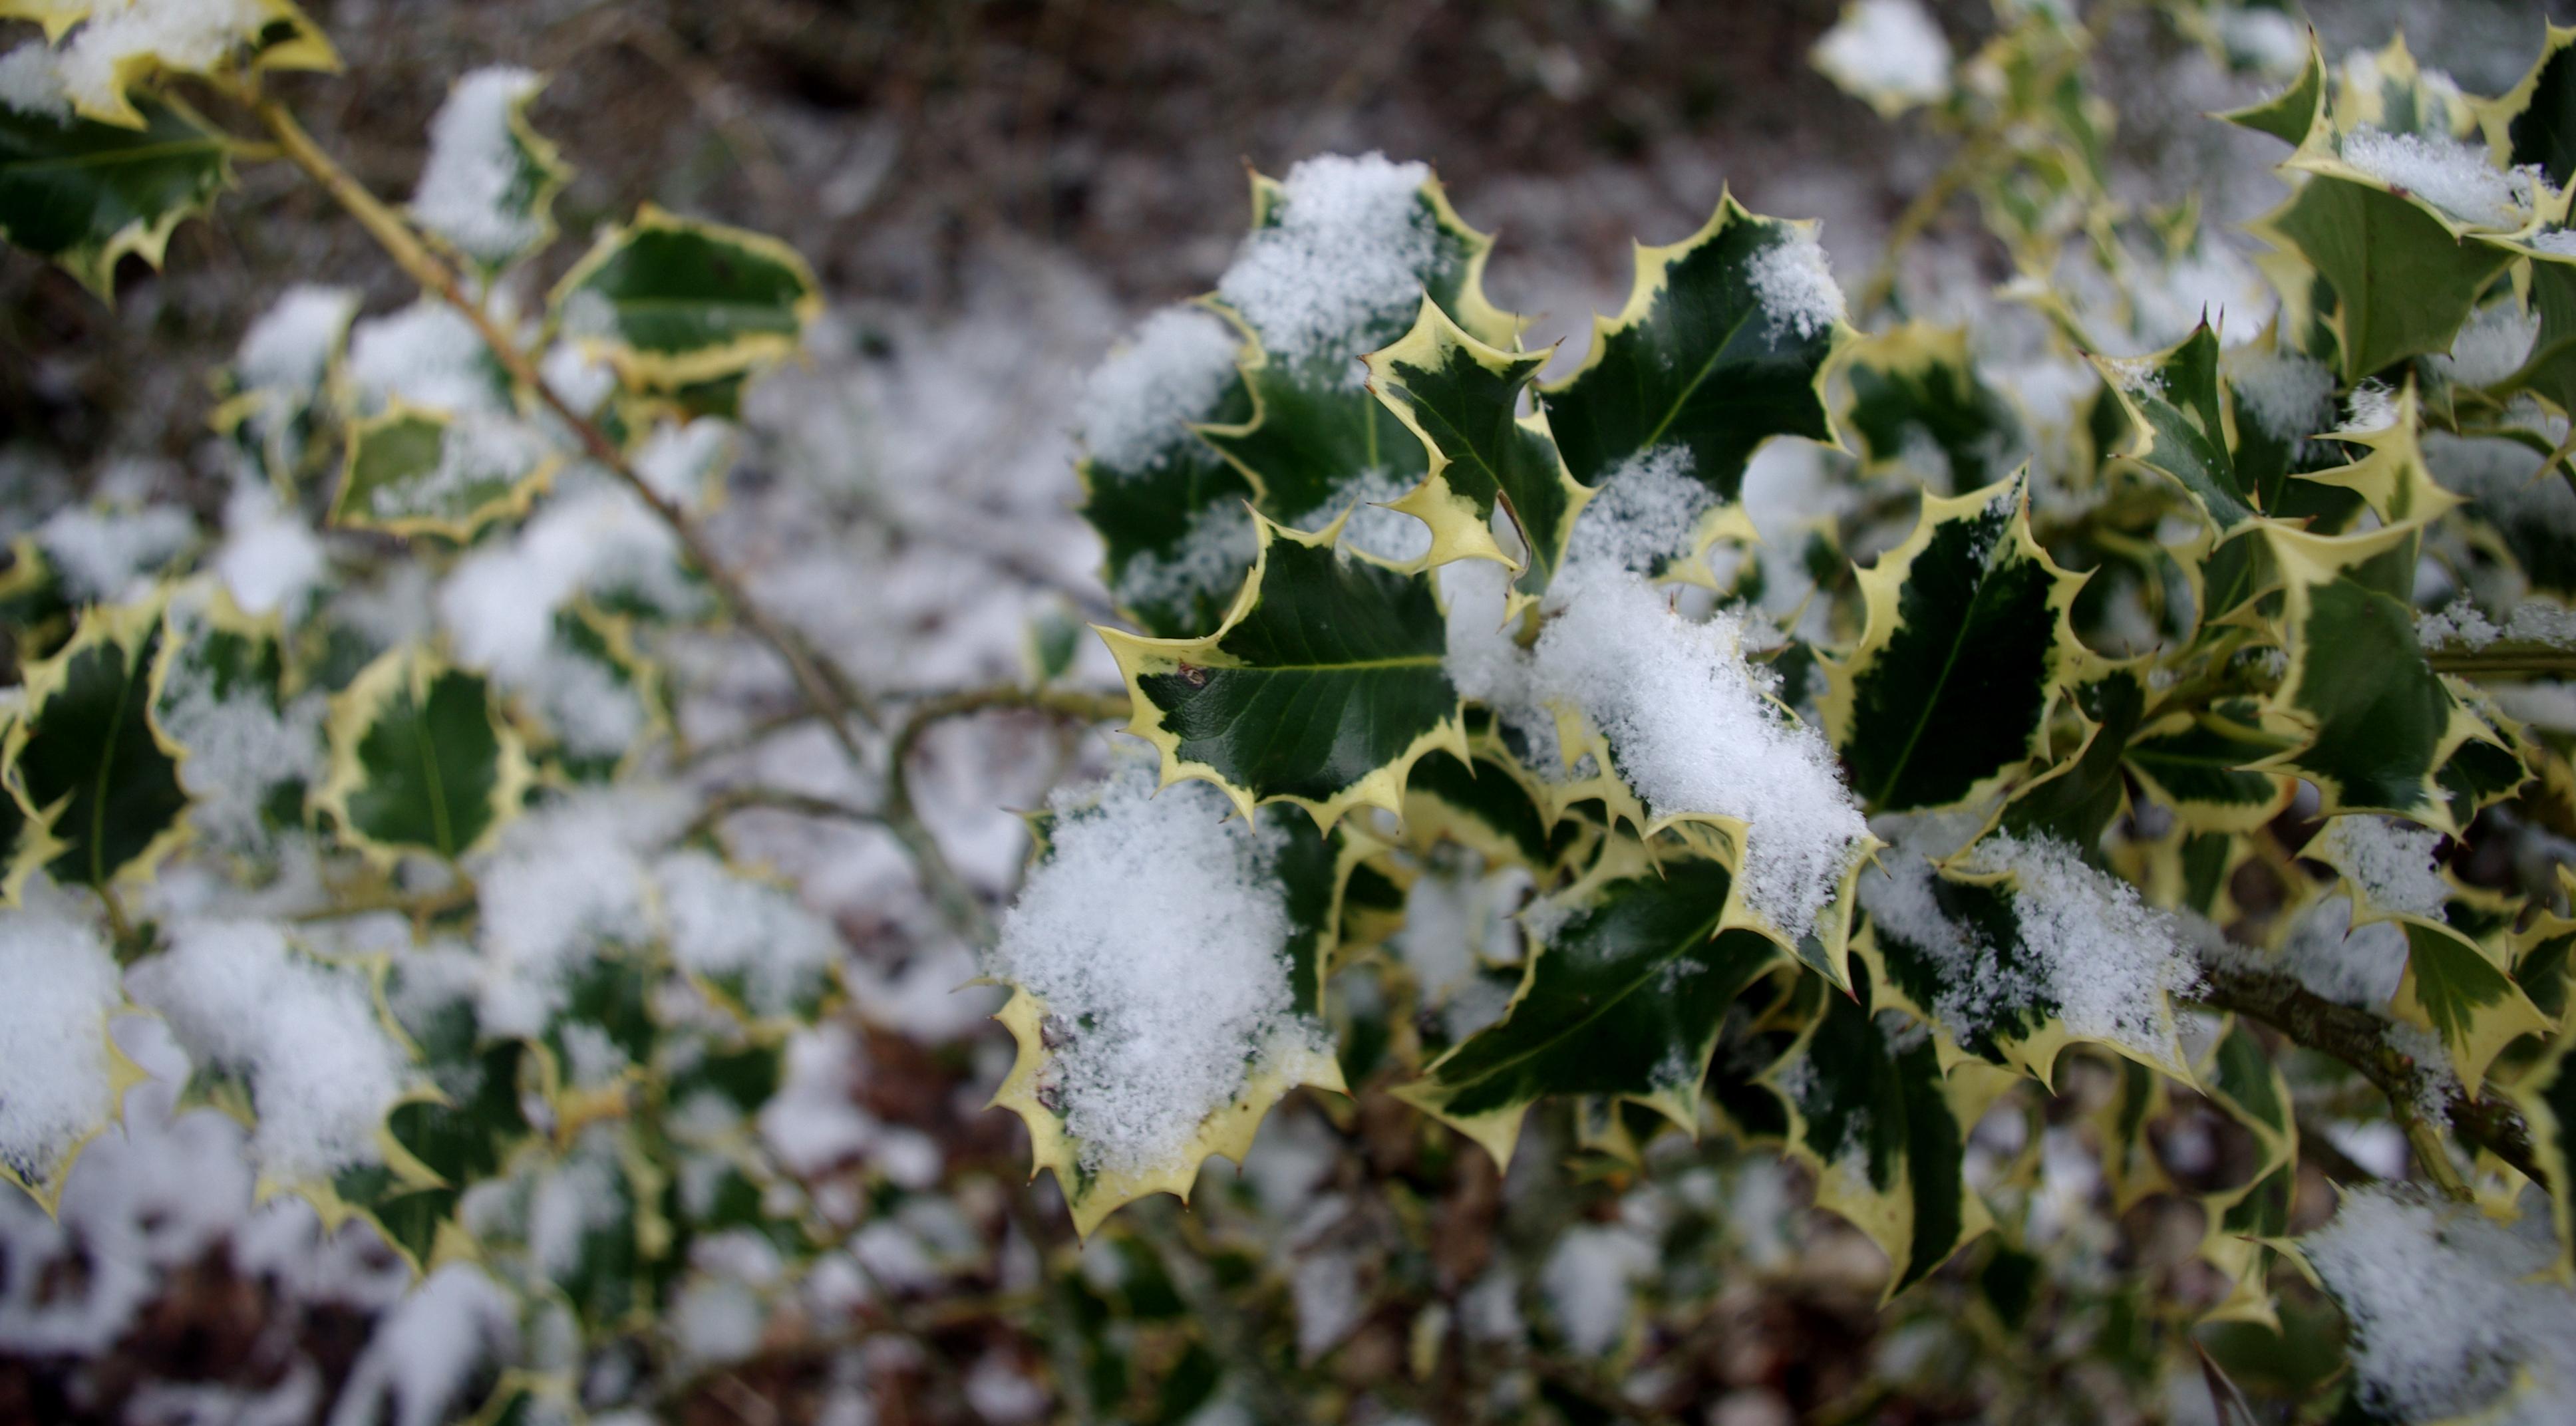 Jardin_hiver ©manguy bruno (Flickr)